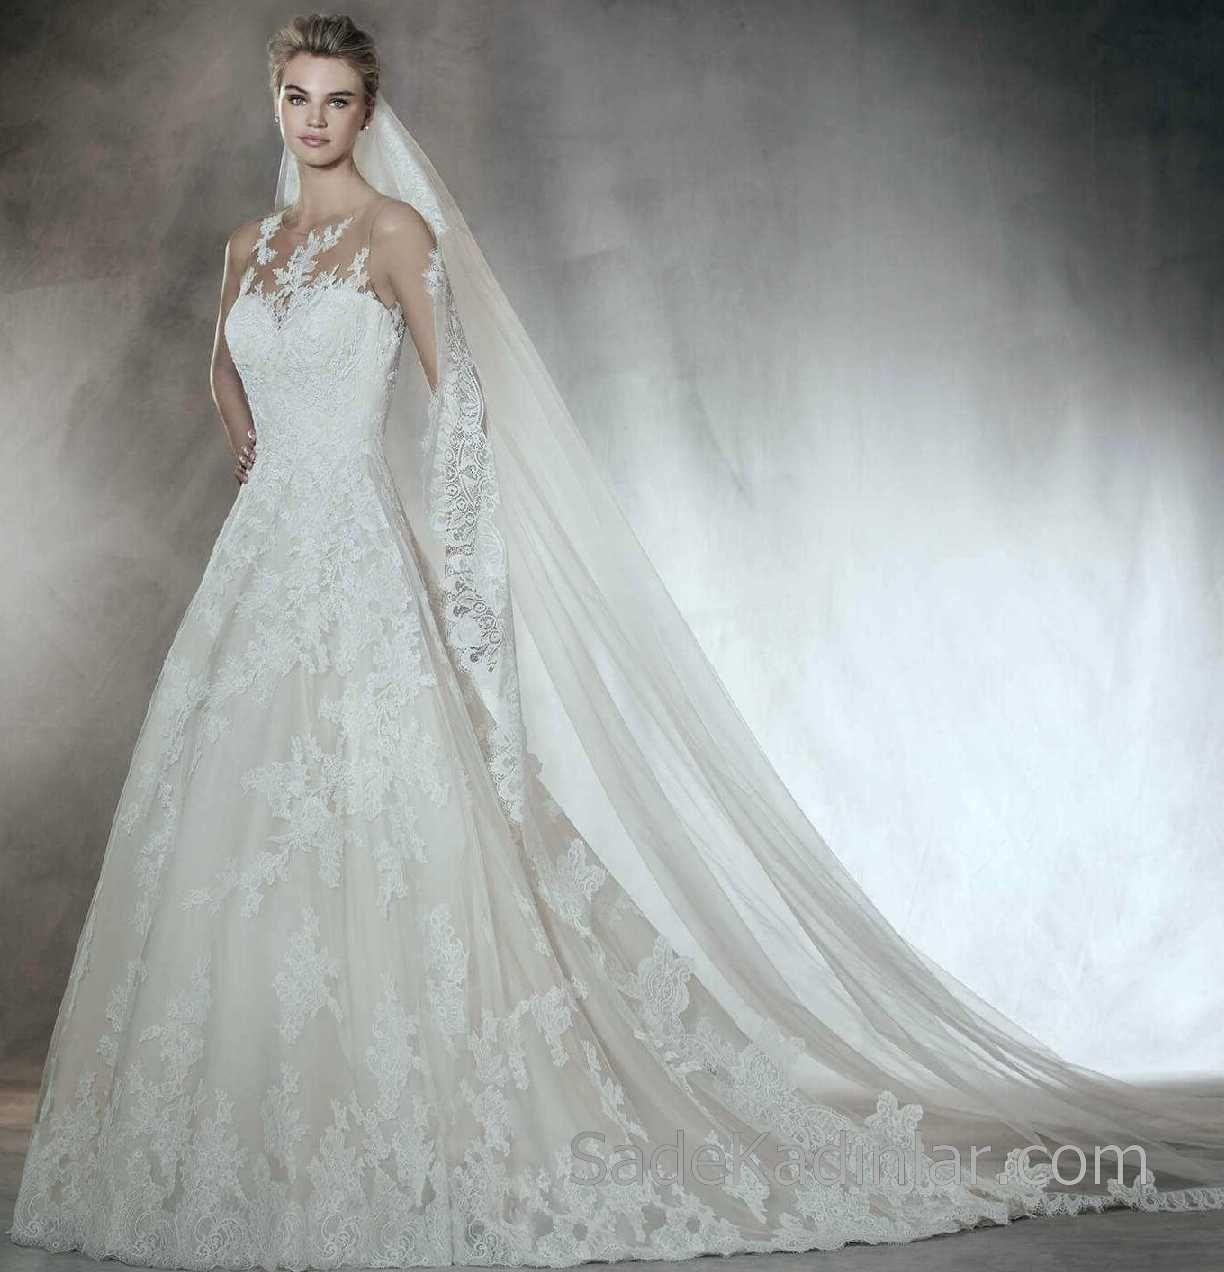 2018 Gelinlik Modelleri Pronovias Prenses Gelinlik Modelleri Sifir Kol Gupur Dantelli The Dress Gelinlik Prenses Gelinlikleri